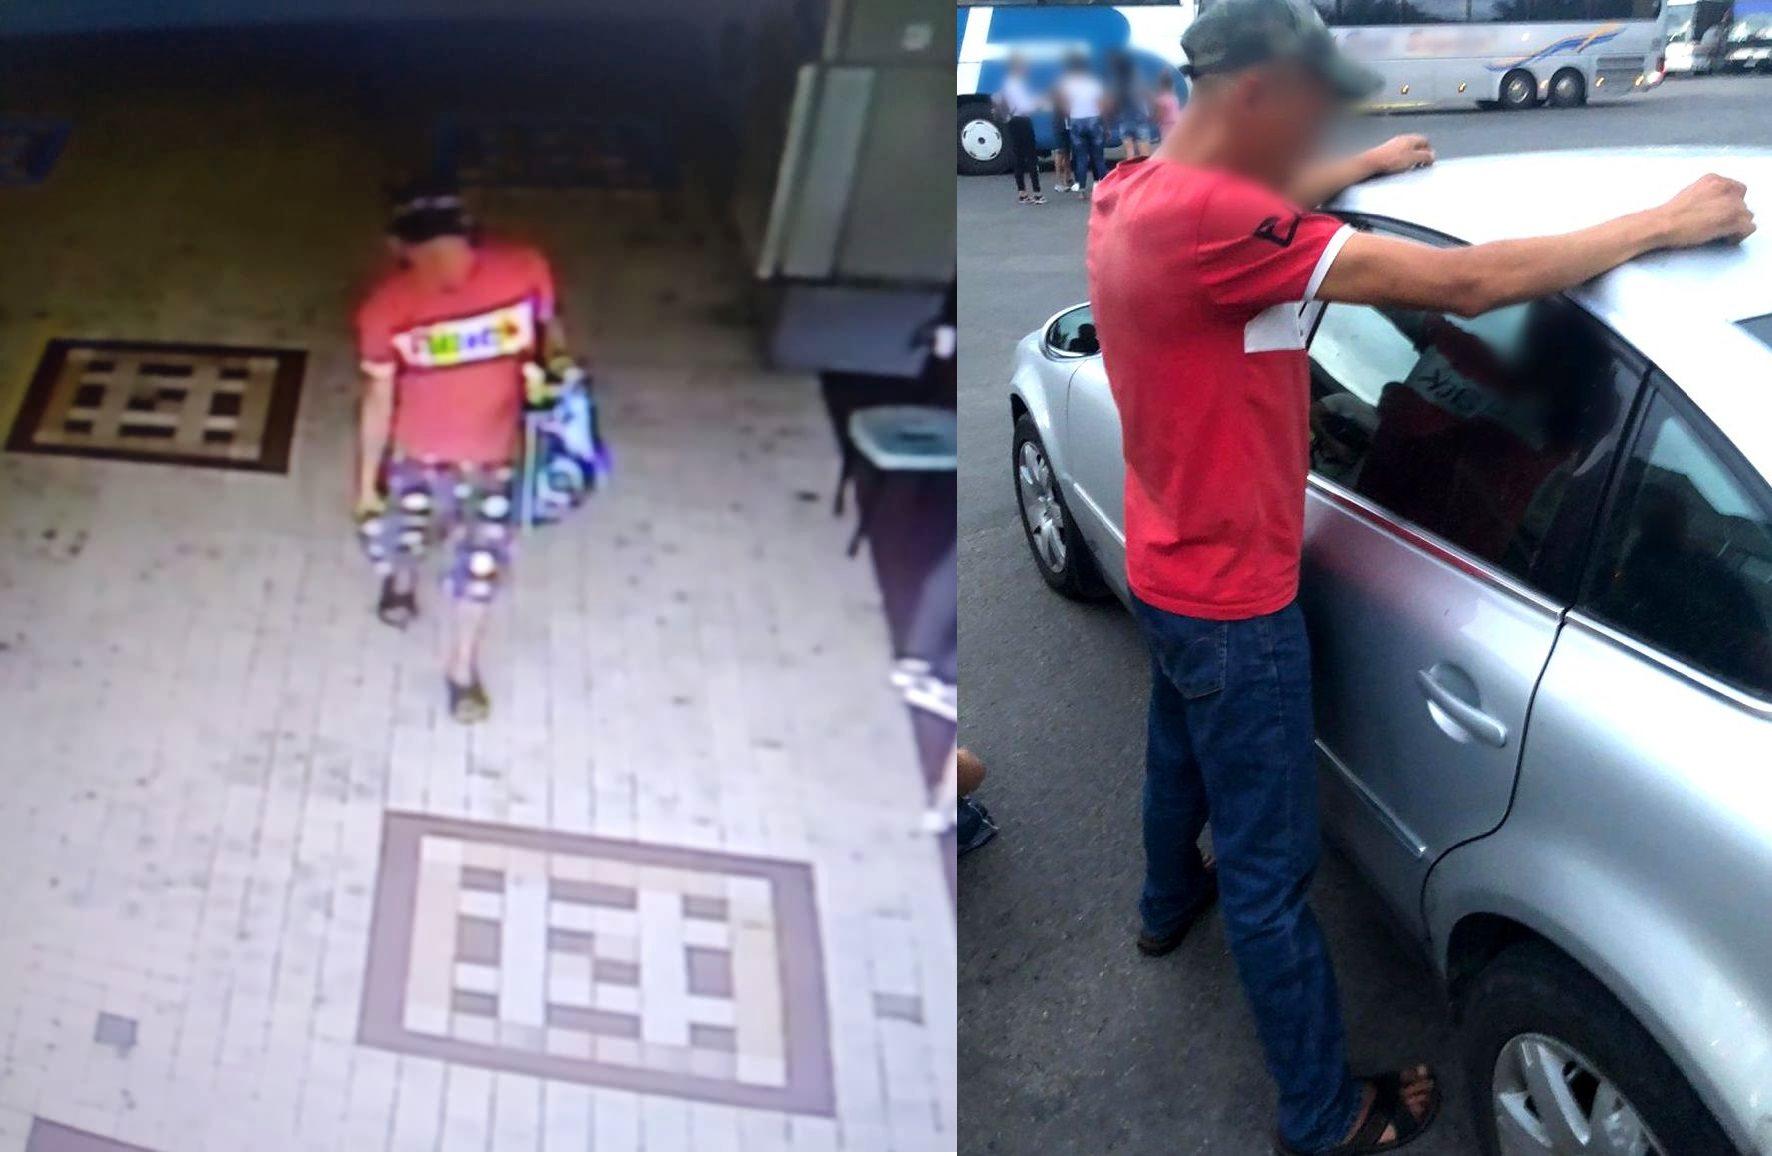 Херсонские оперативники задержали подозреваемого в дерзком ограблении квартиры в Новой Каховке